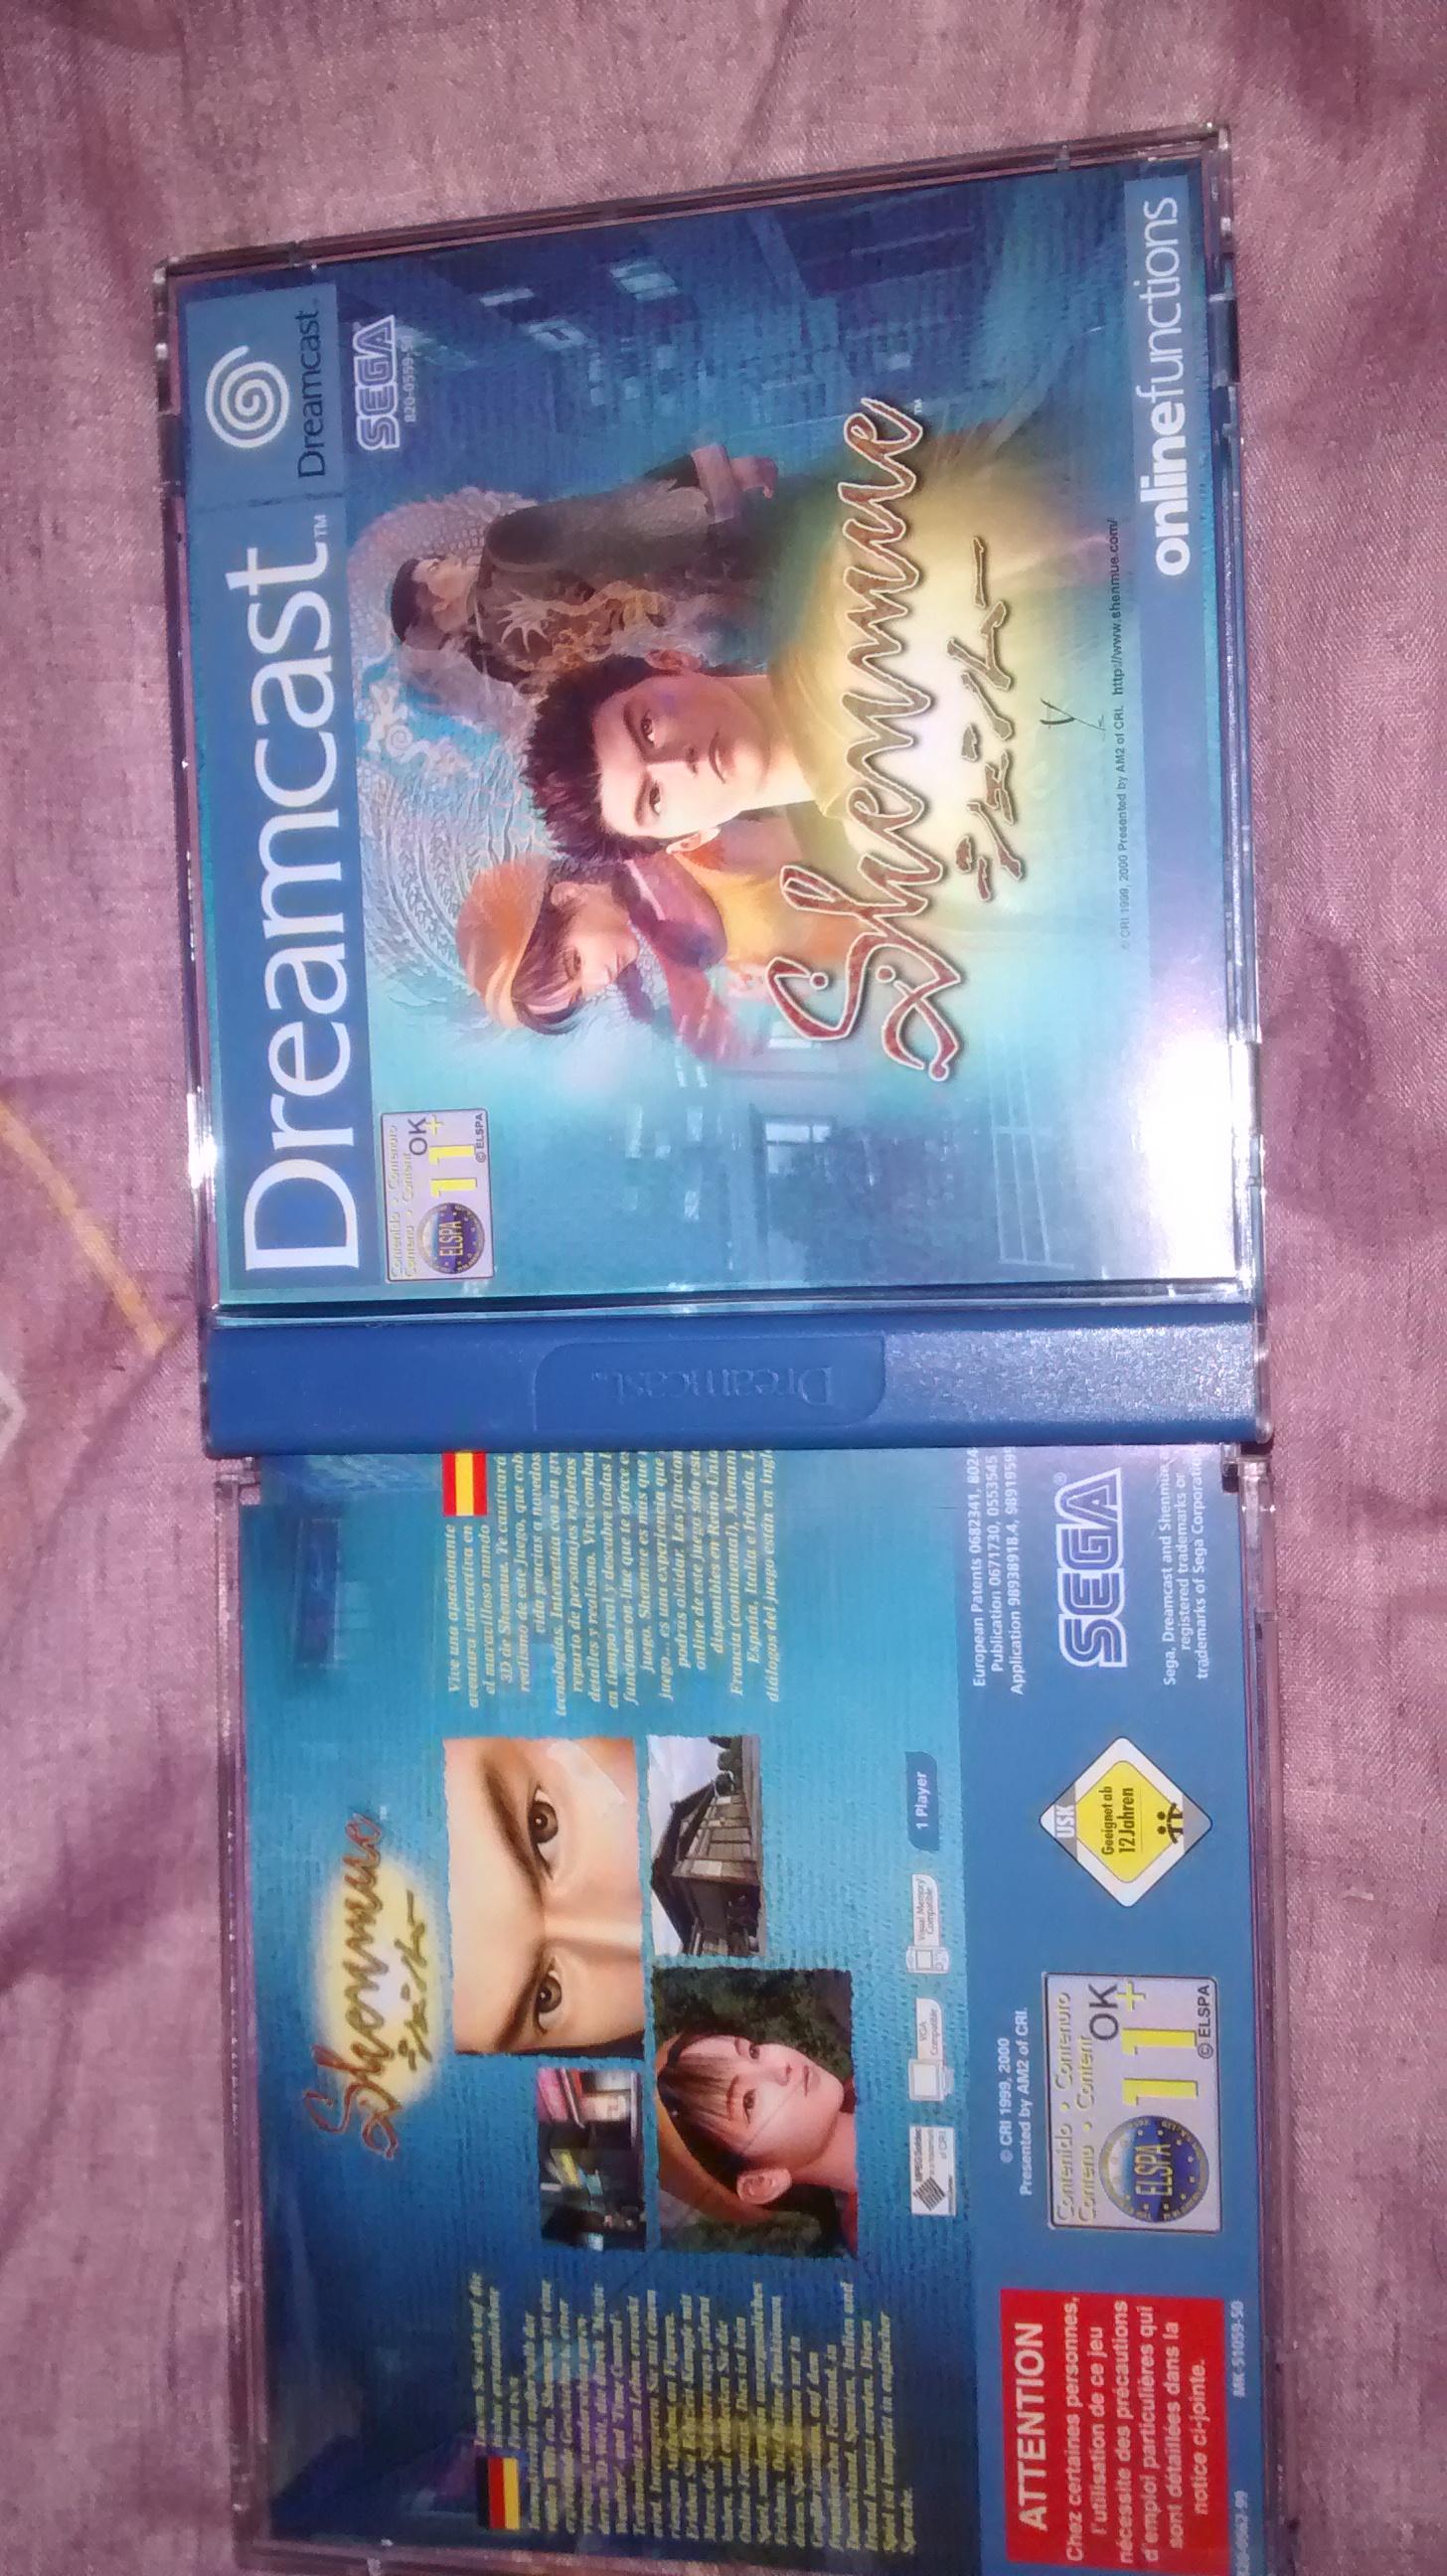 [Vds] Lot Dreamcast - MS/MD et Saturn Update 18/01 ajout Jeux Sat Jap - Page 3 698237IMG20160118012146255